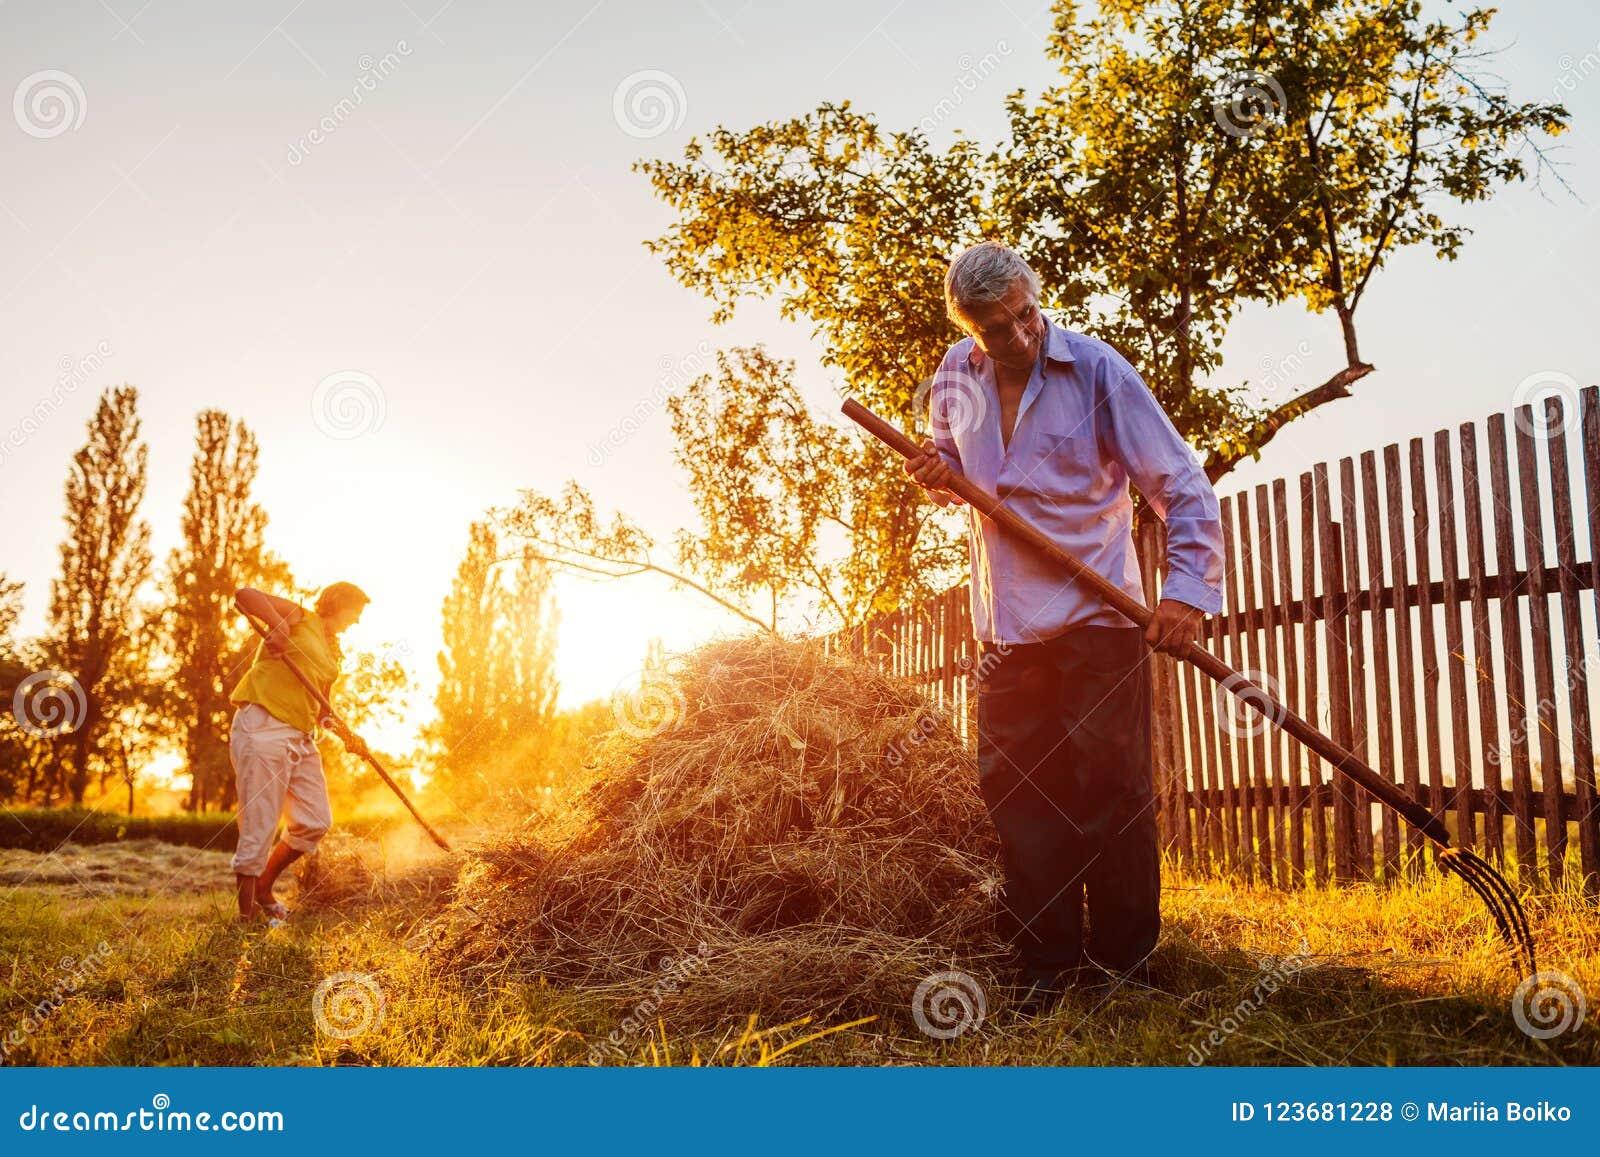 Familienpaare von Landwirten erfassen Heu mit Heugabel bei Sonnenuntergang in der Landschaft Fleißiger Leutechat